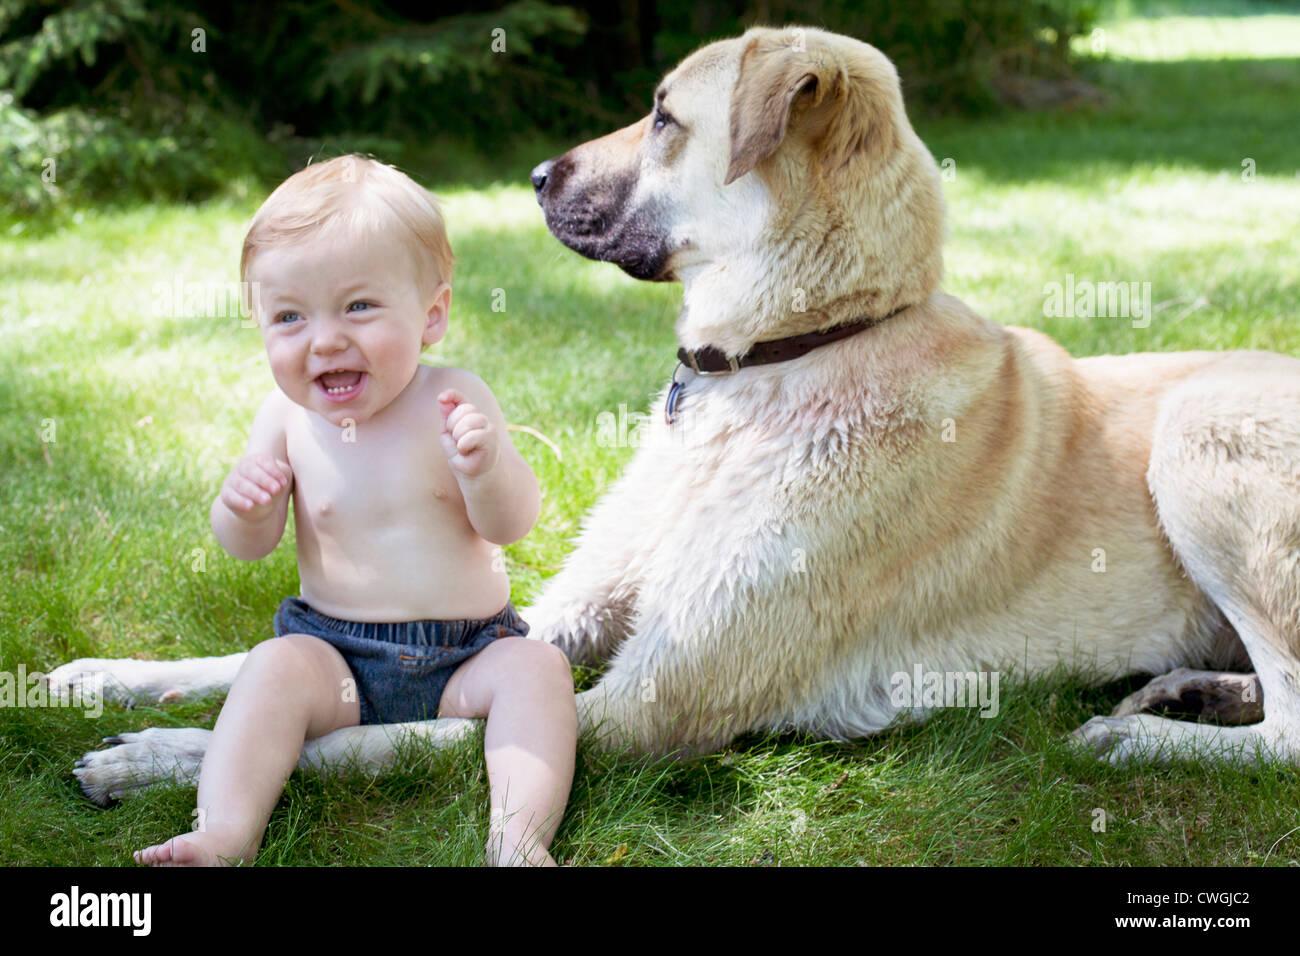 Baby Junge sitzt in der Nähe von seinem weißen Hund draußen im grünen Rasen. Stockbild